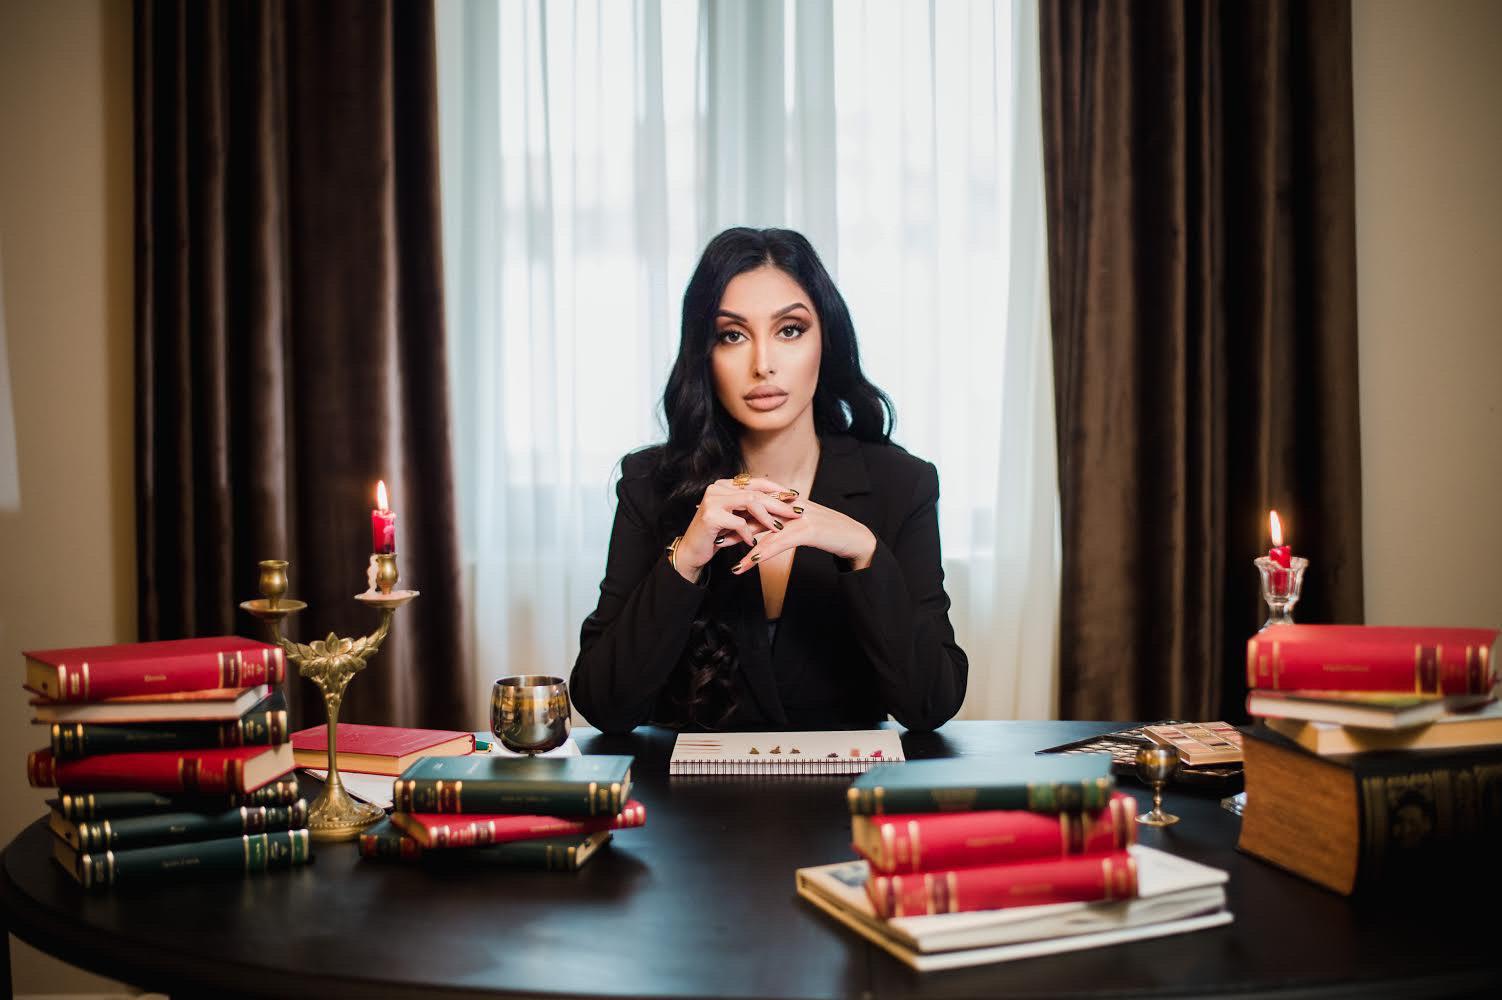 Antreprenoarea româncă de origine libaneză Sarah Sarrad a transformat pasiunea pentru animale dintr-un hobby într-un business de succes